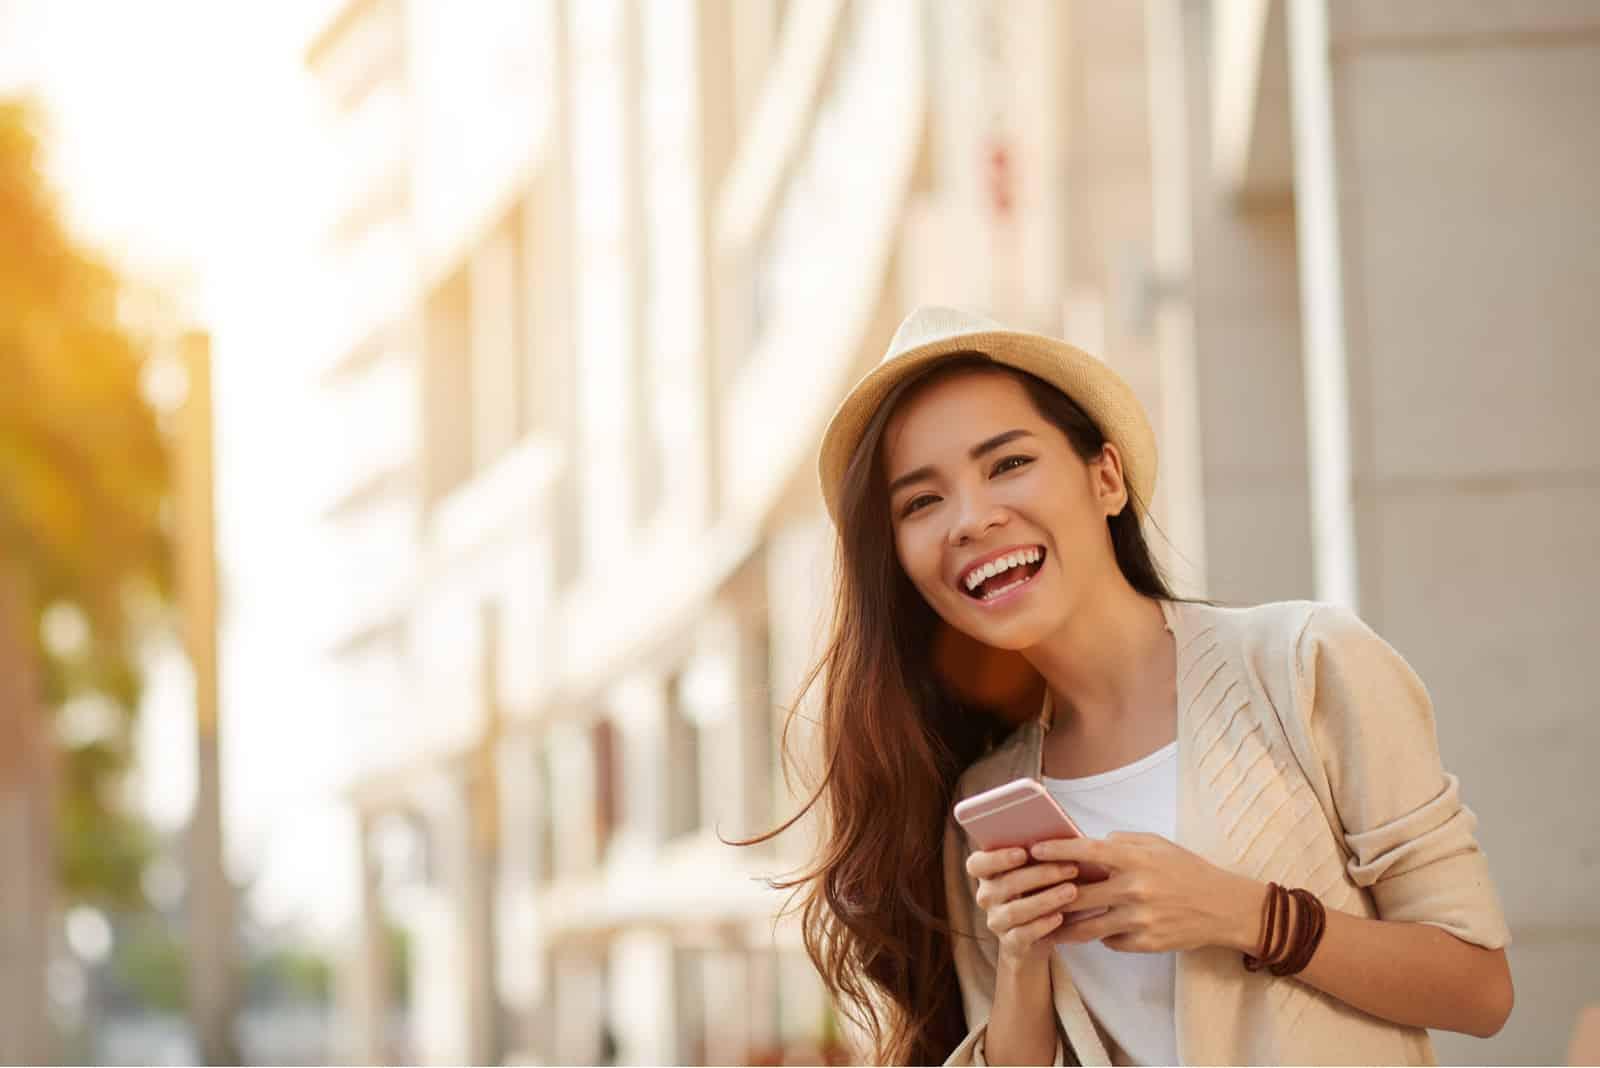 une femme souriante avec un chapeau sur la tête se tient dans la rue et un bouton sur le téléphone